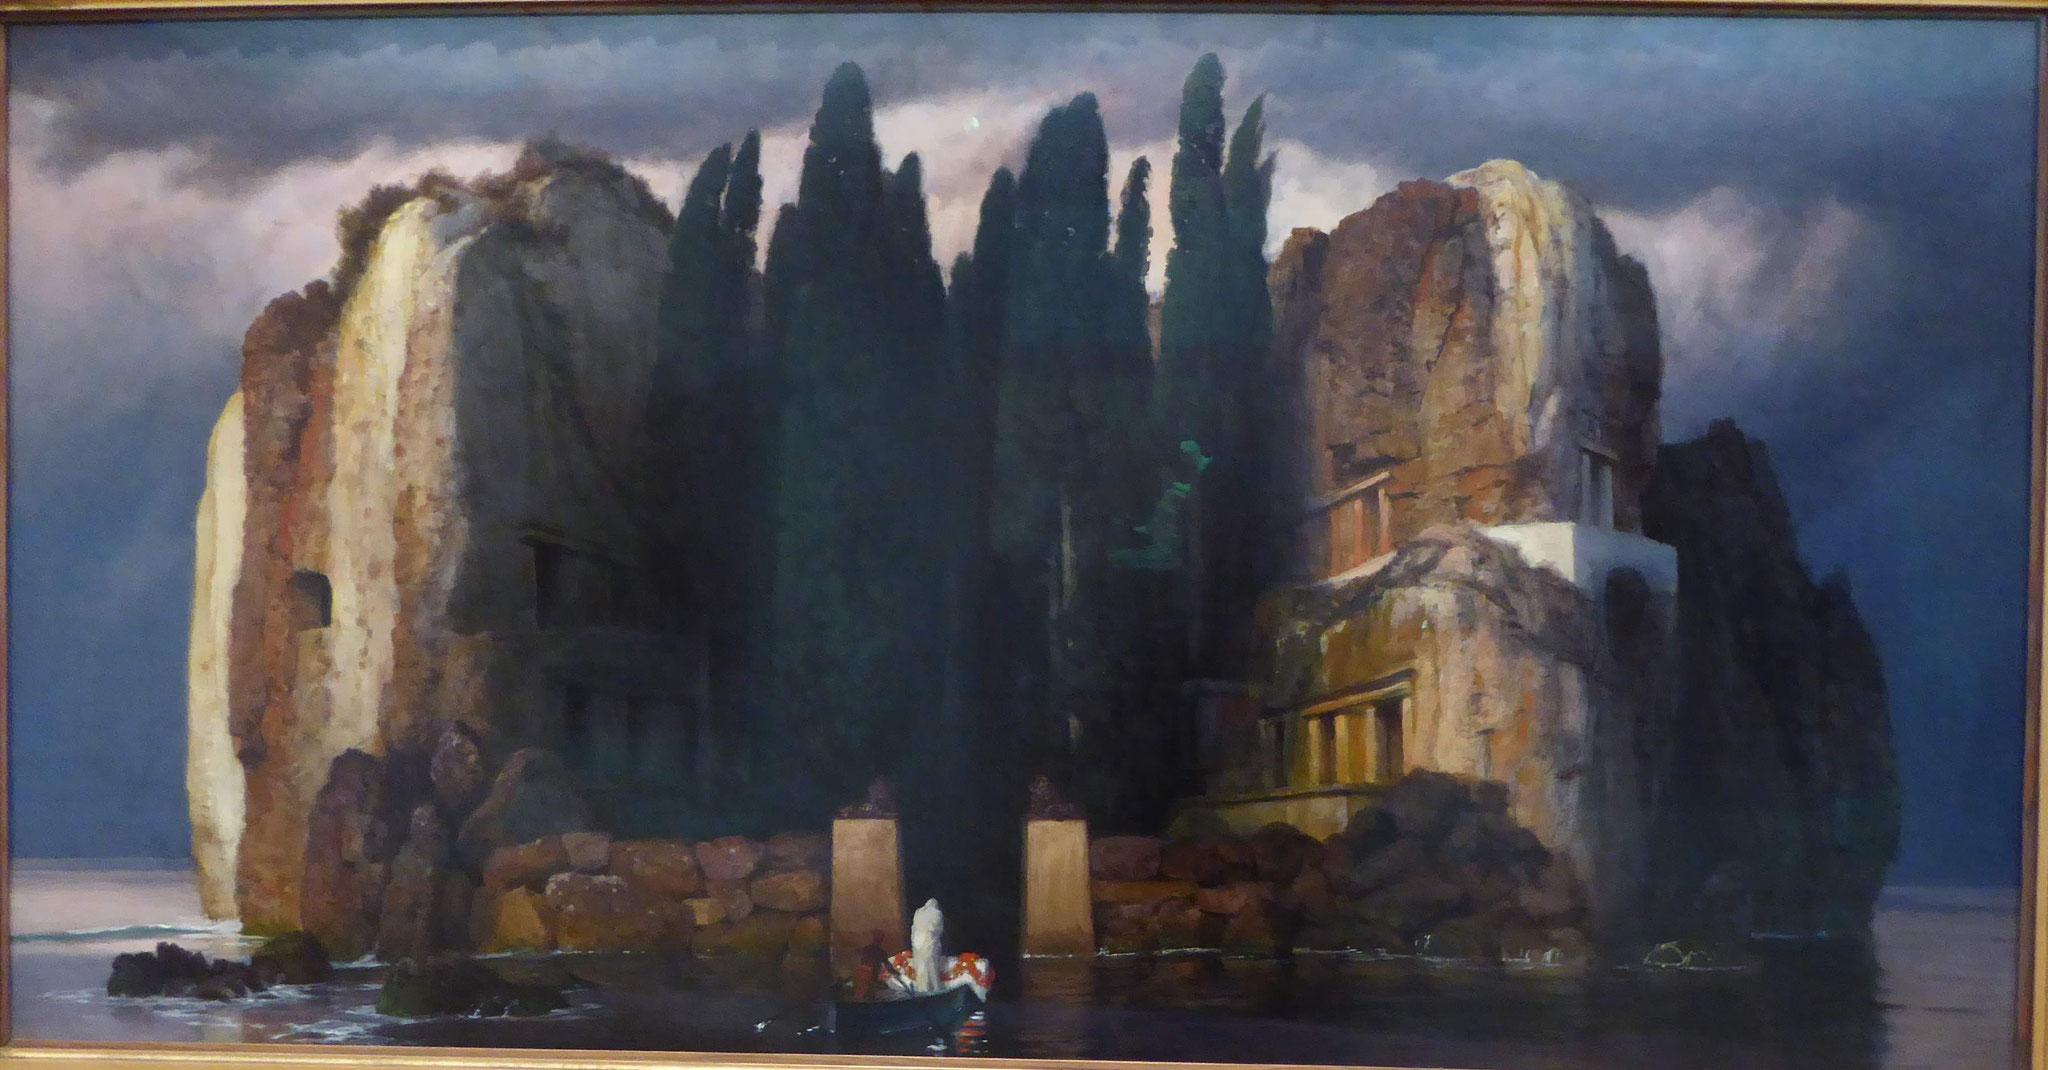 Arnold Böcklin: Die Toteninsel, Museum der bildenden Künste, Leipzig